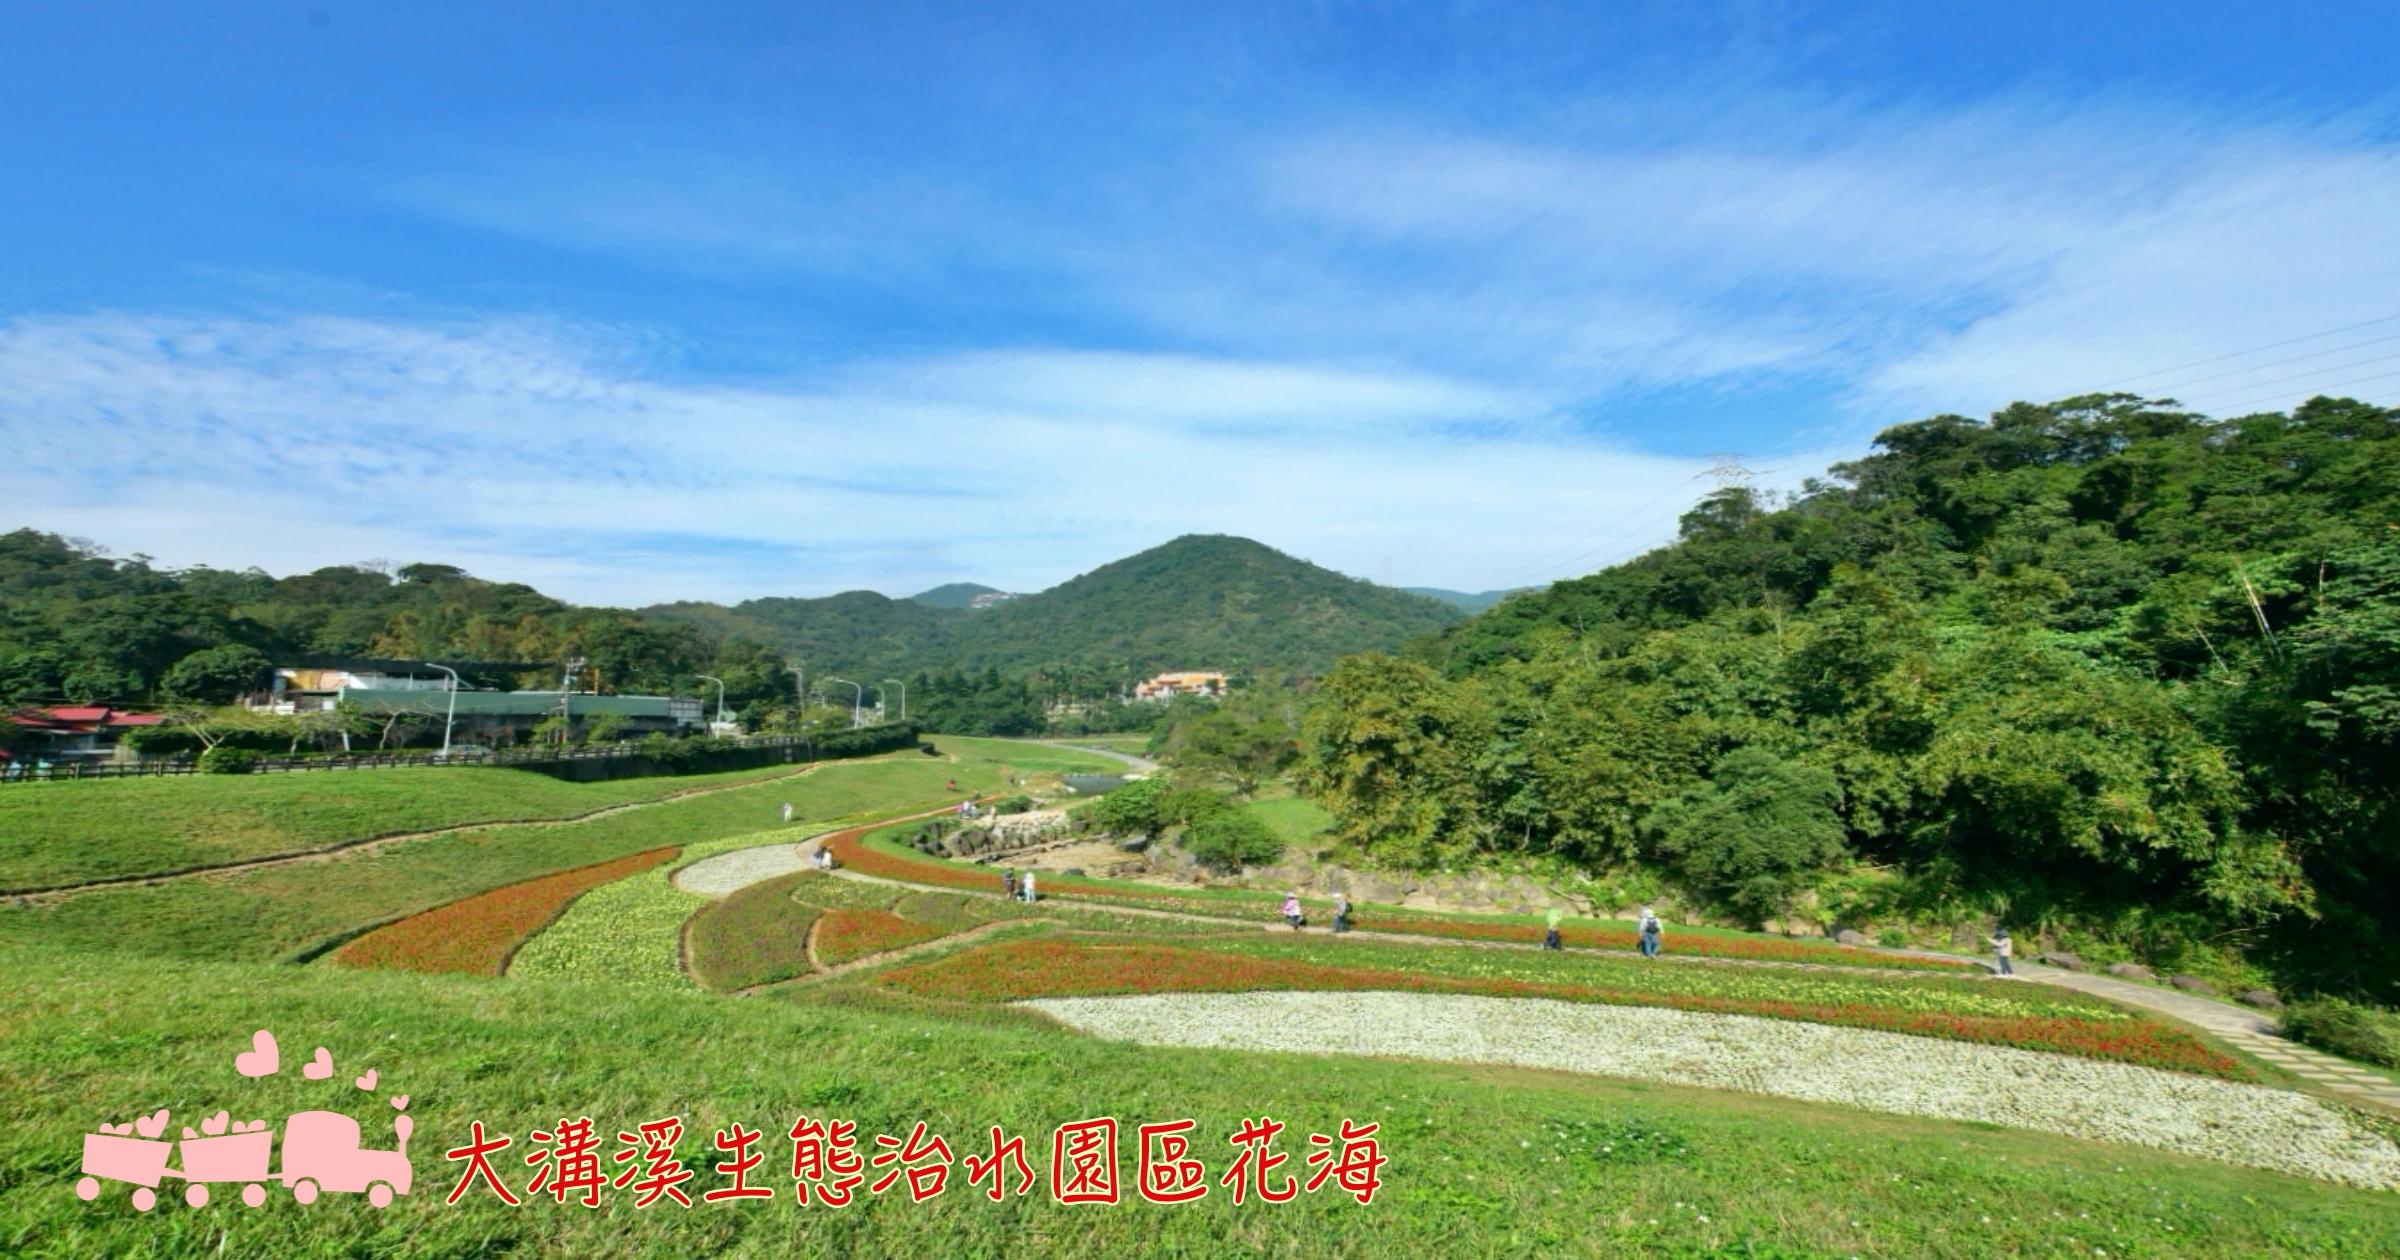 最新推播訊息:[台北旅遊]大溝溪生態治水園區|農曆年前的萬株花海~彩色花毯與鯉魚山形成如畫般美景